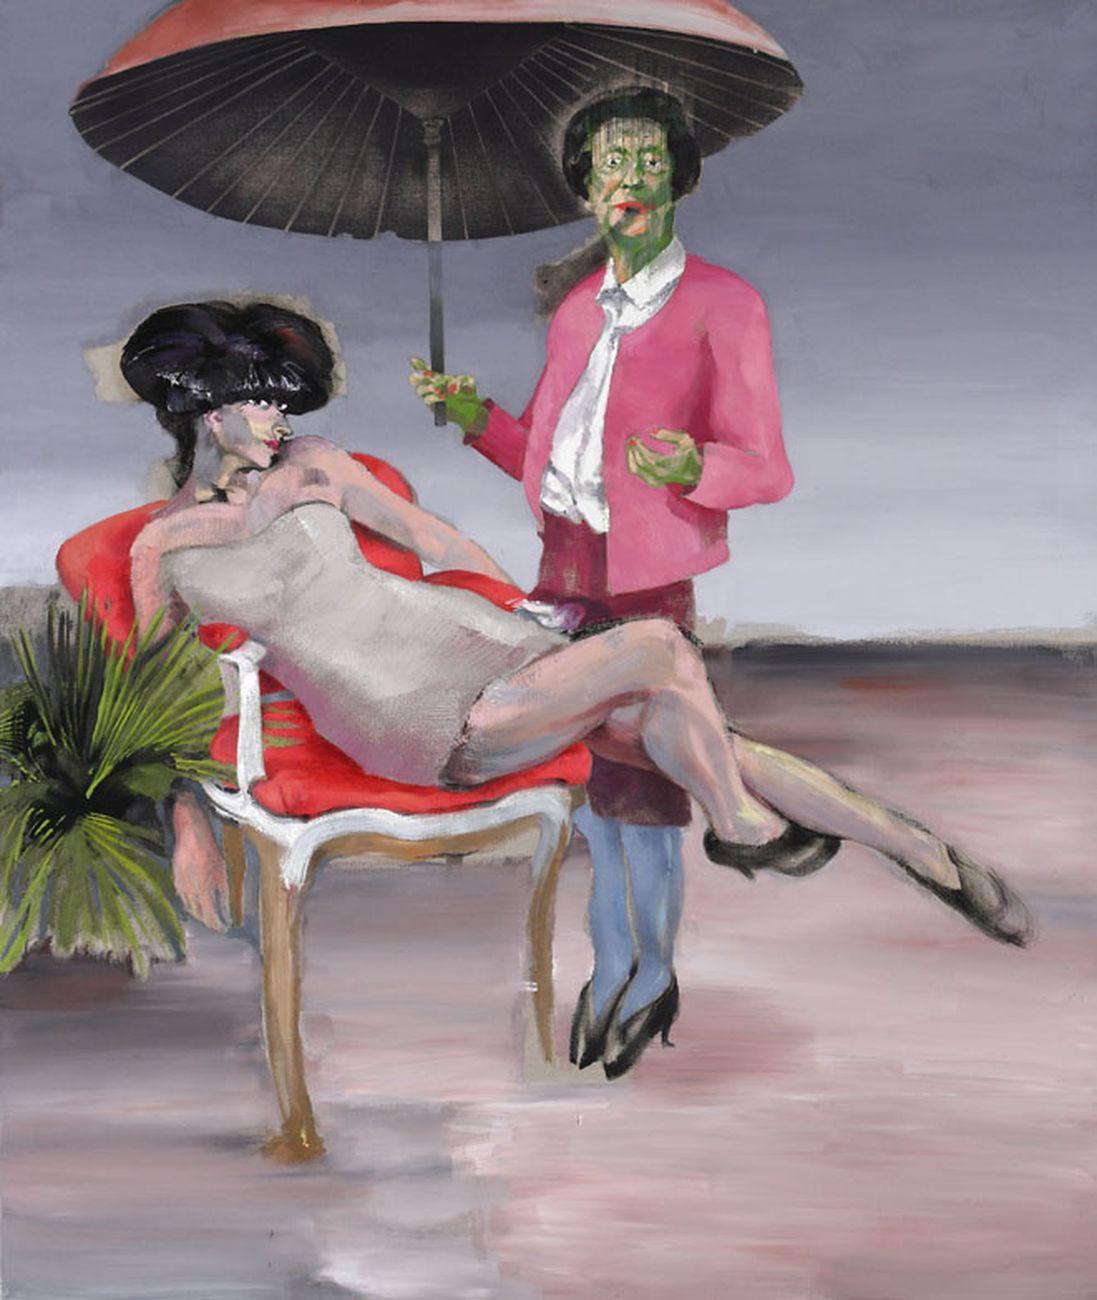 Alessandro Scarabello, Uppercrust #3, 2011, acrilico e olio su tela, cm 187x154. Courtesy The Gallery Apart, Roma